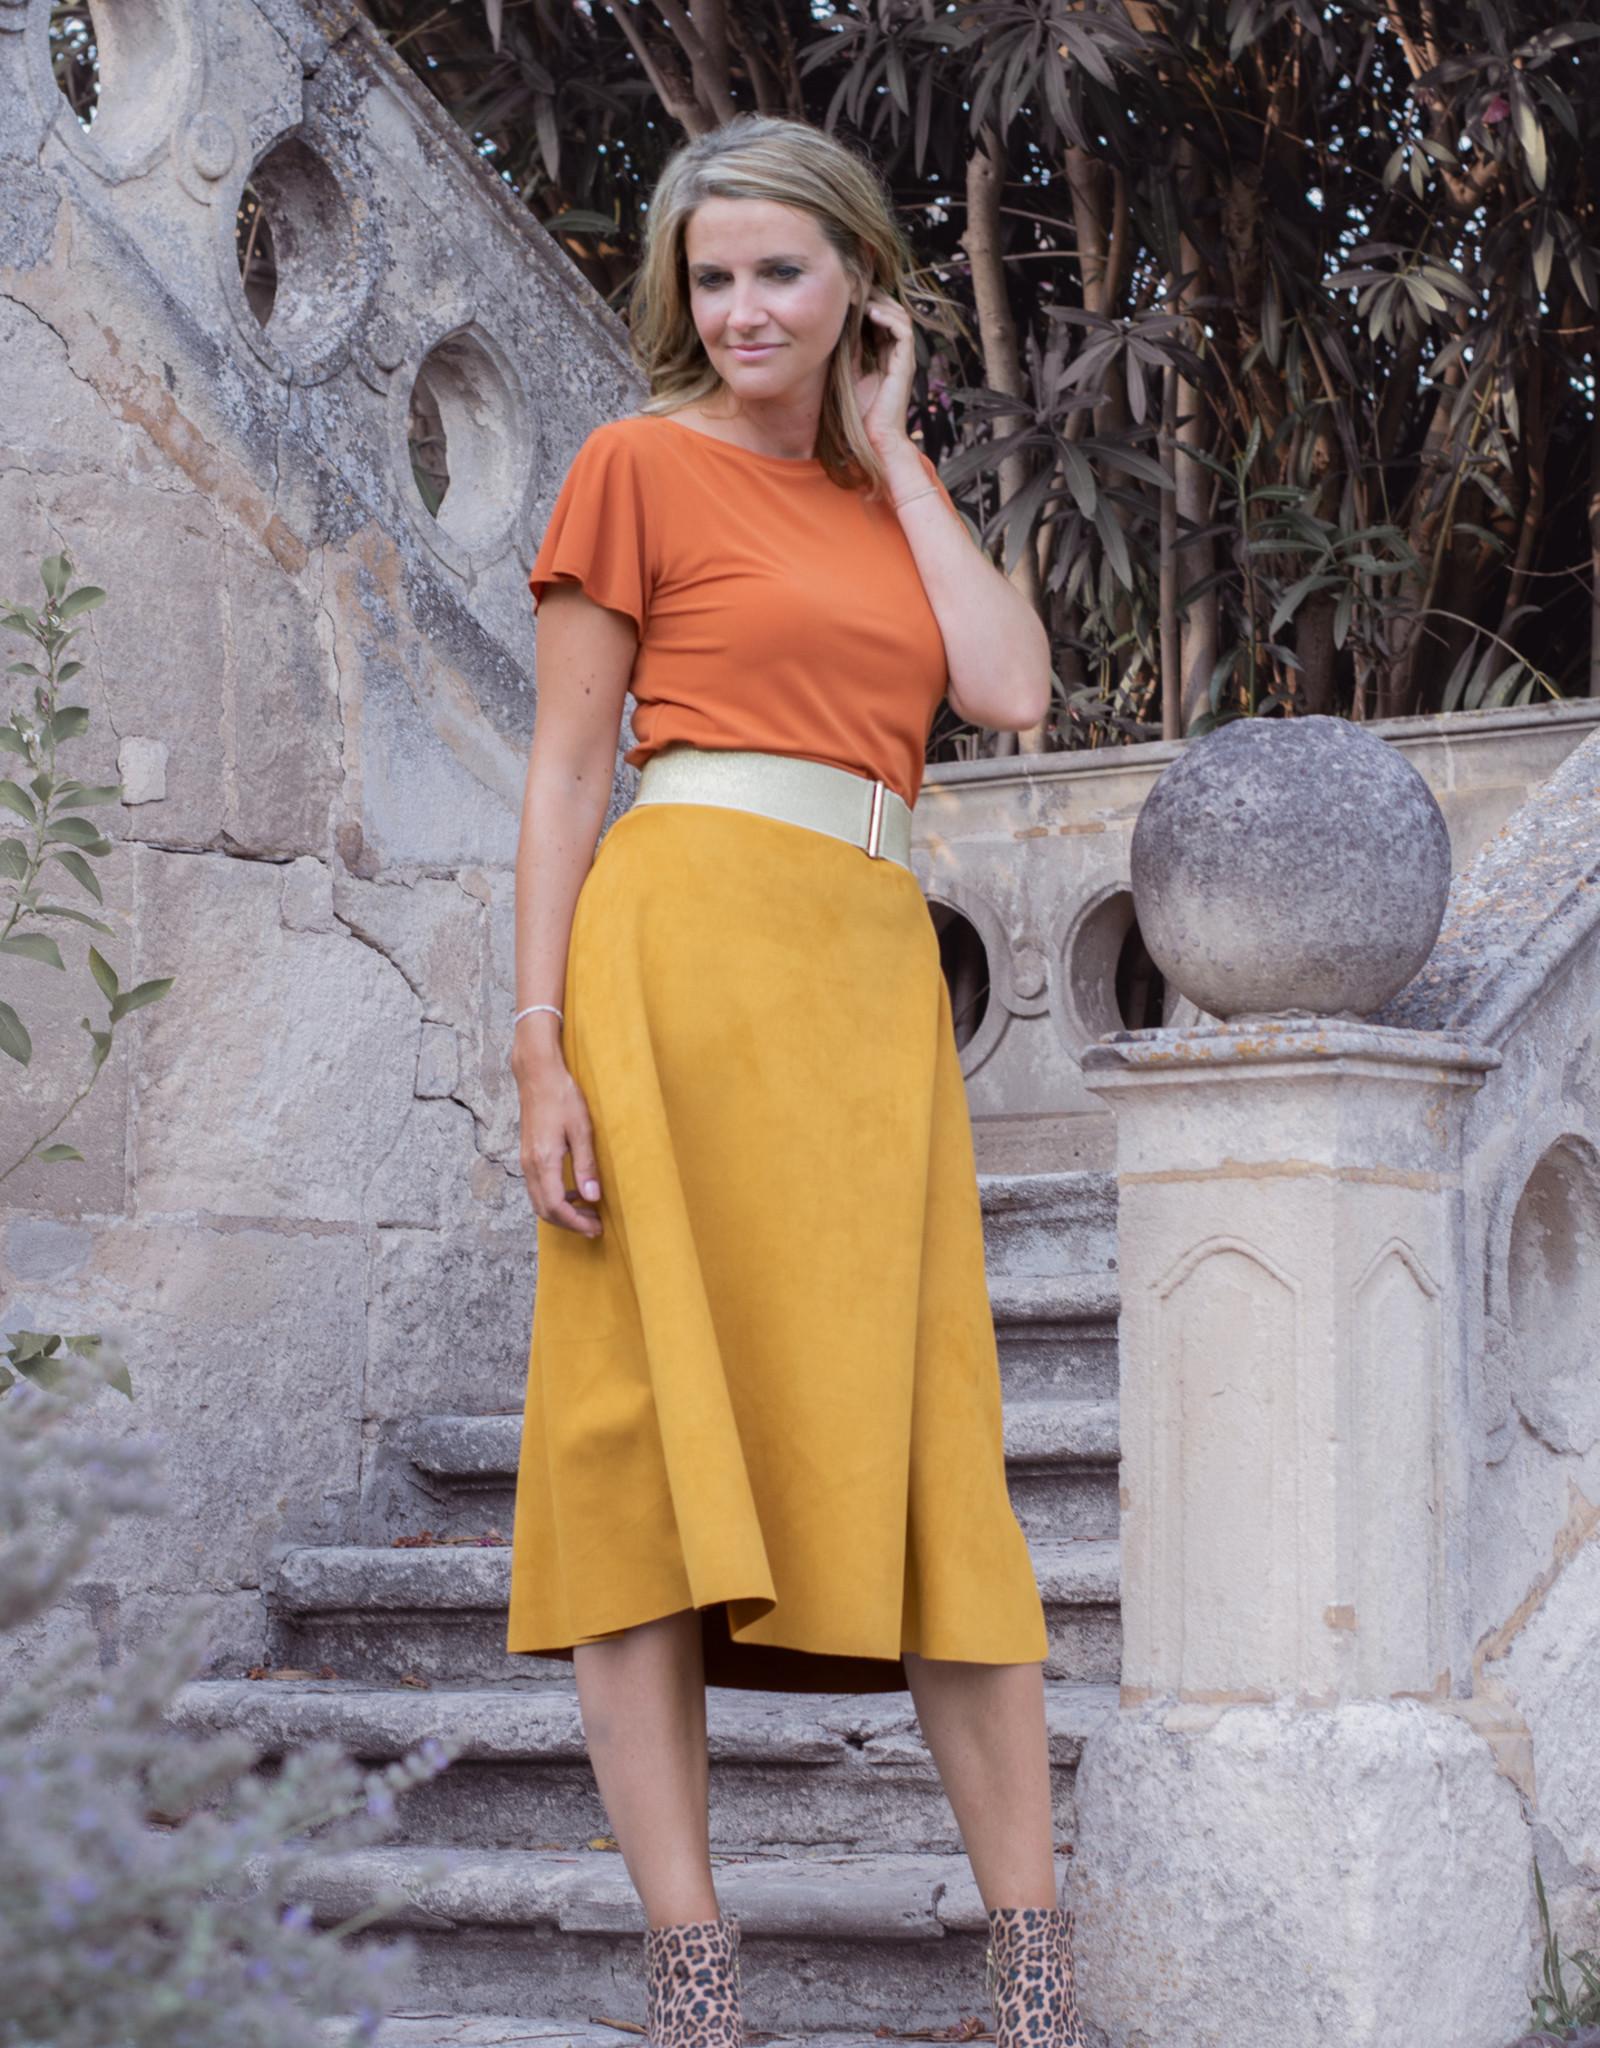 Bel'Etoile Cora shirt en rok voor dames - Bel'Etoile